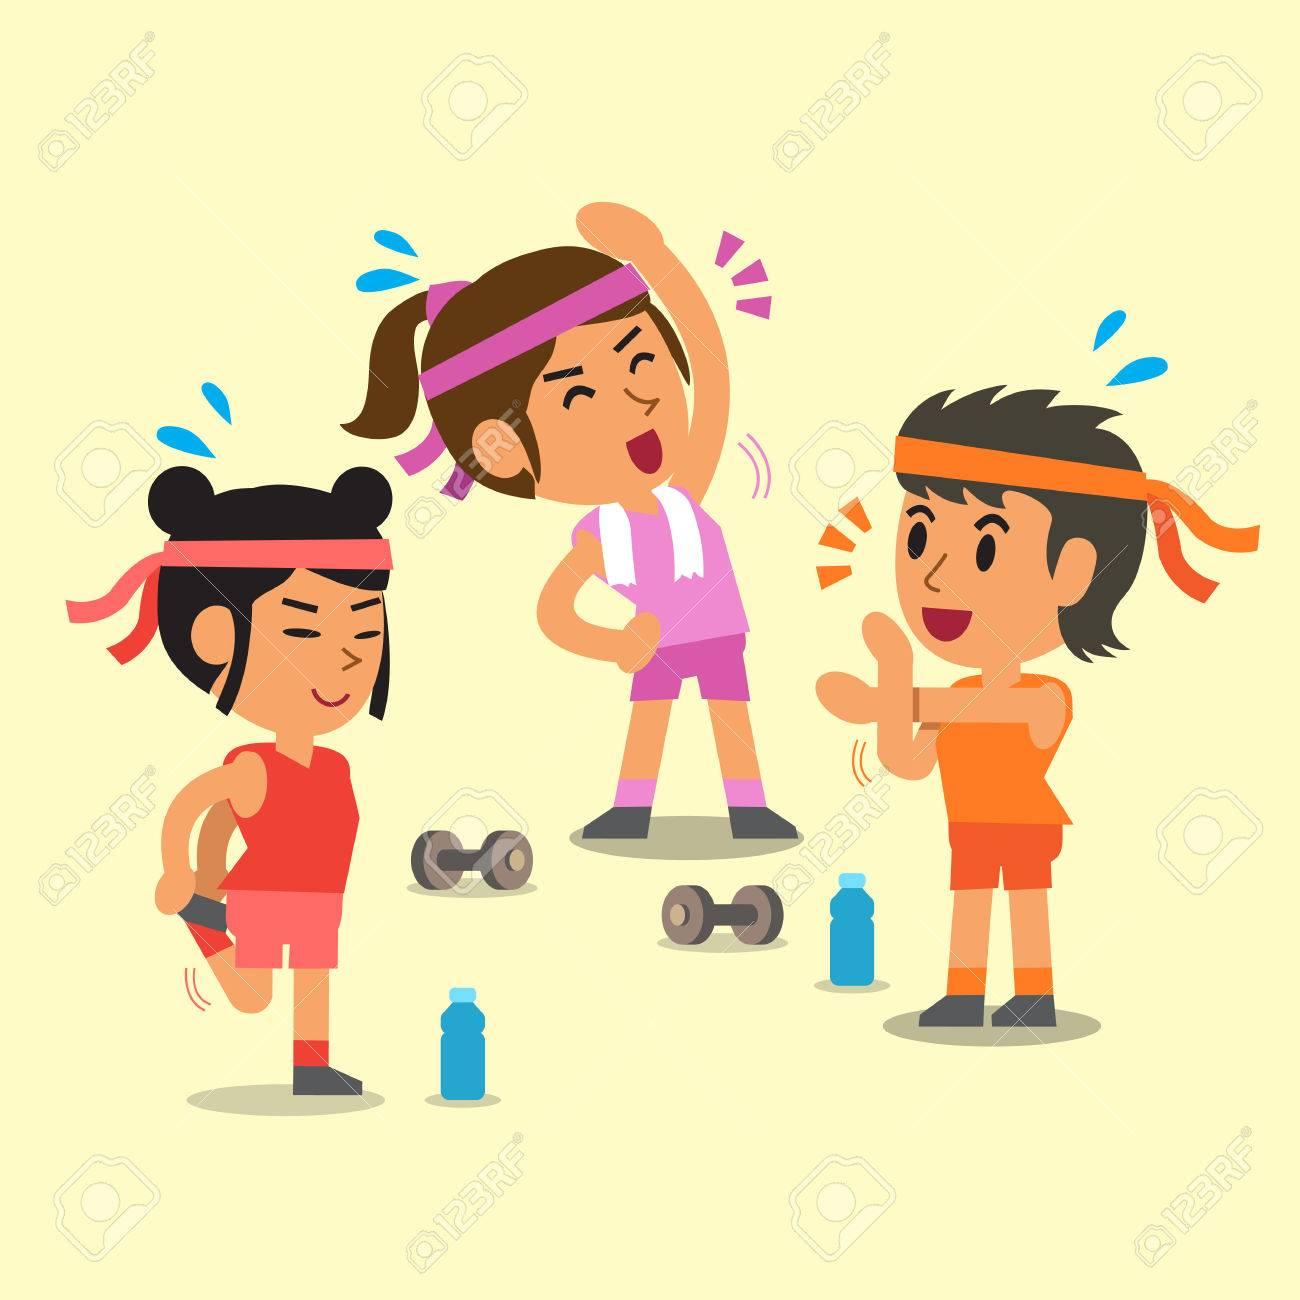 Cartoon sport women - 51327954